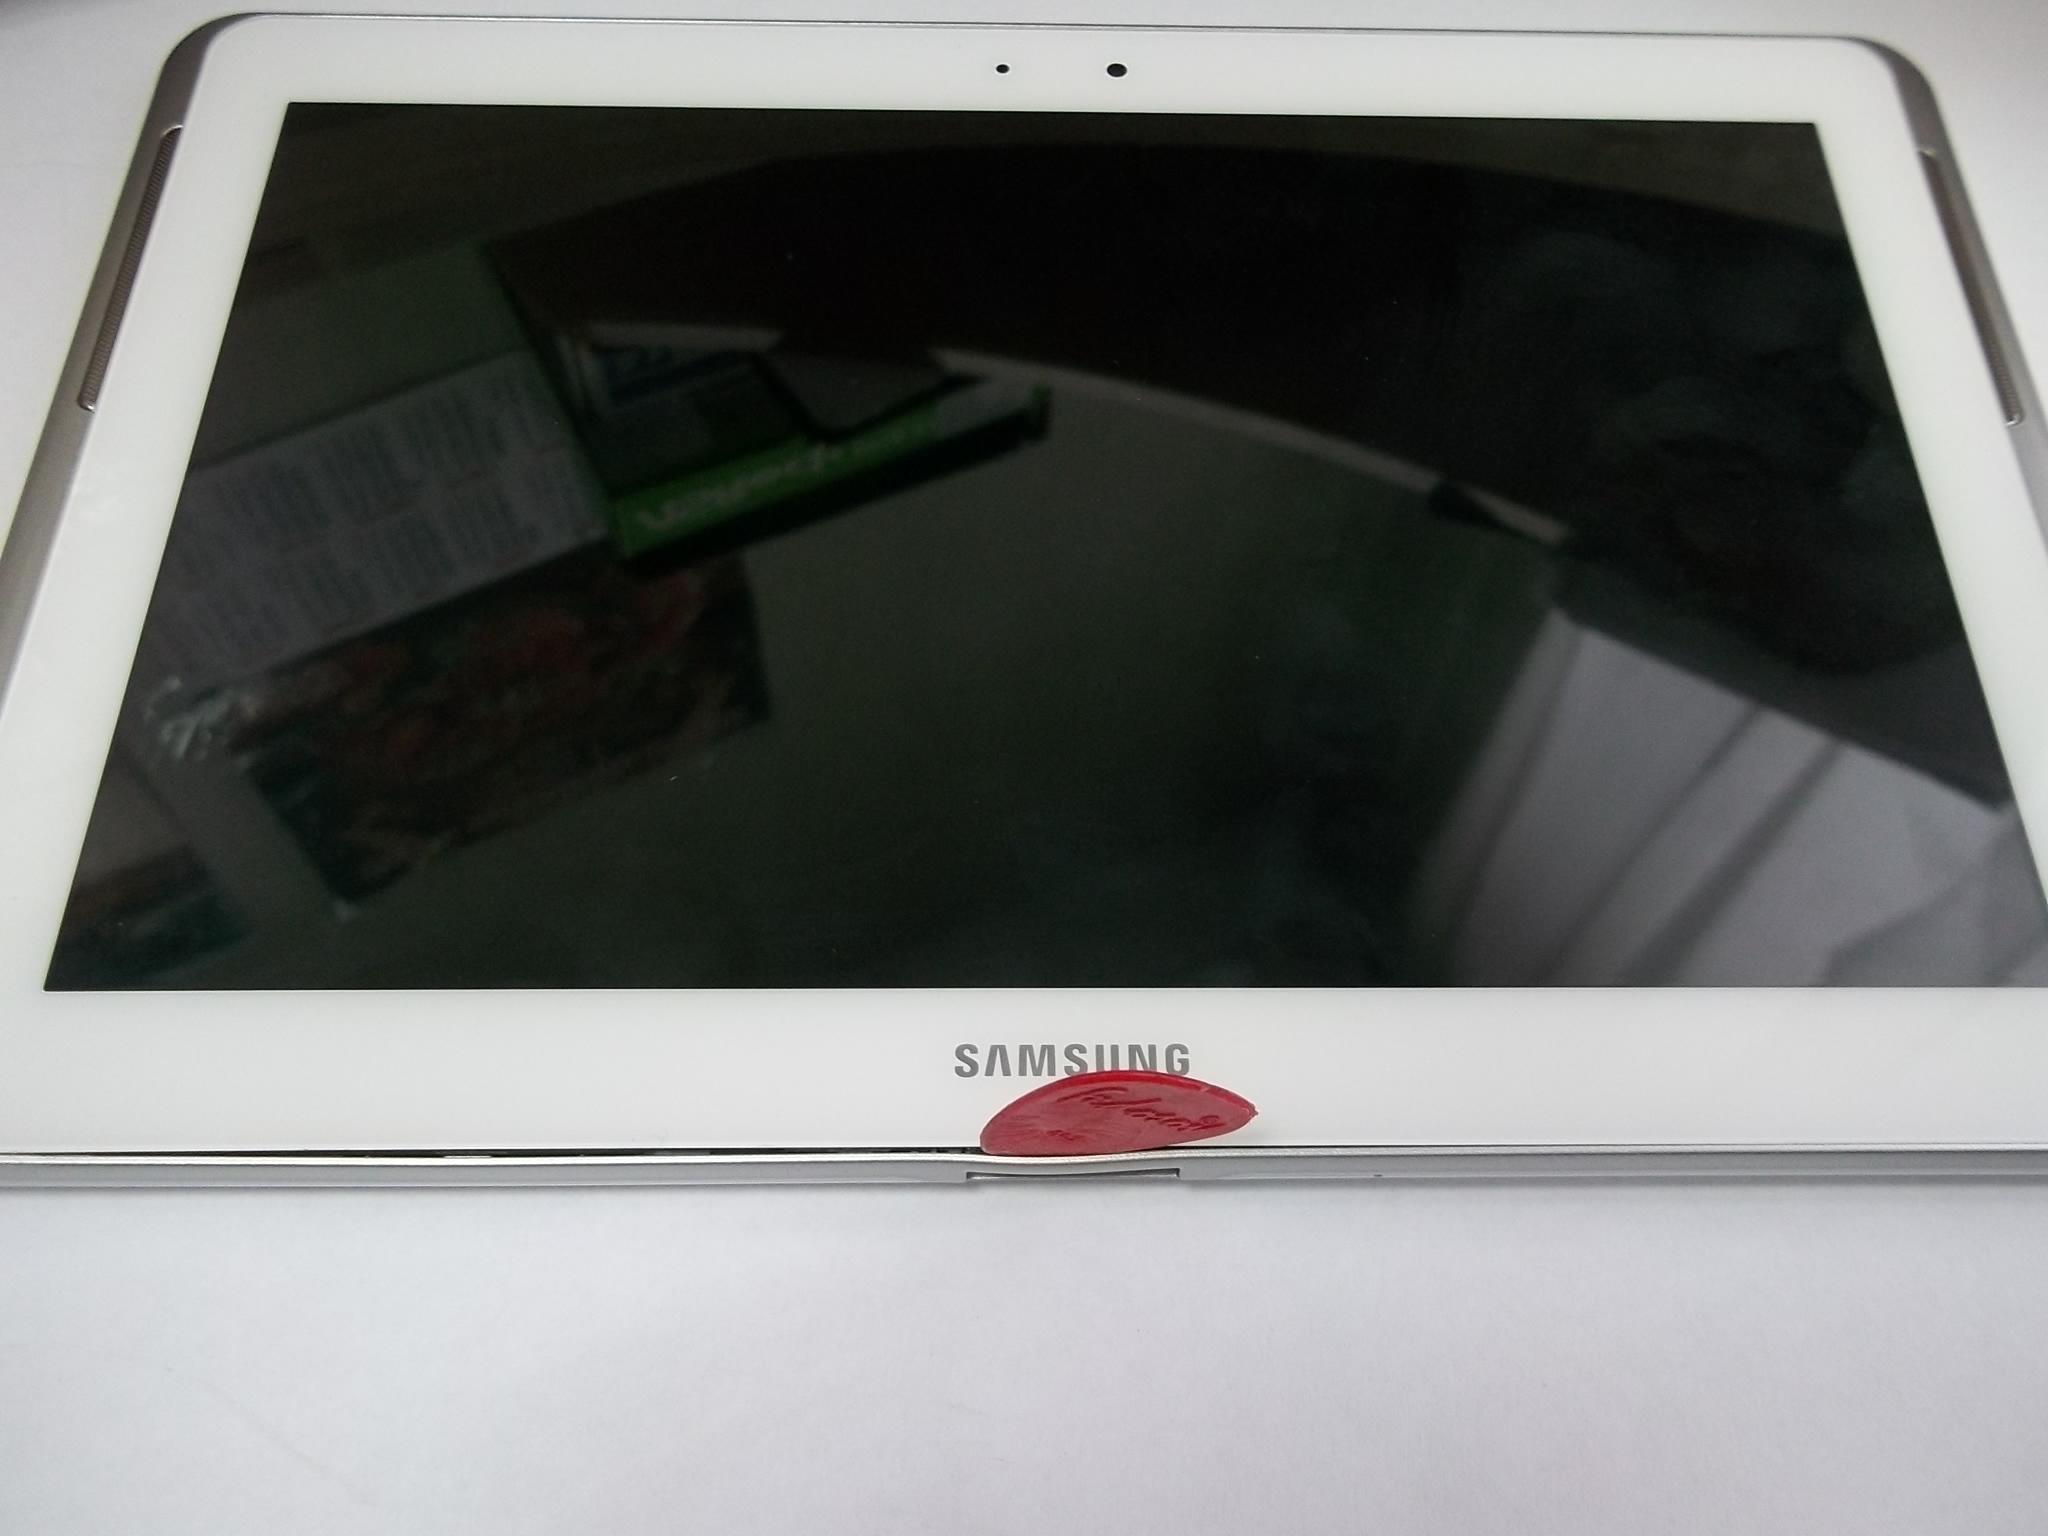 инструкция по эксплуатации планшета самсунг таб 2 фото